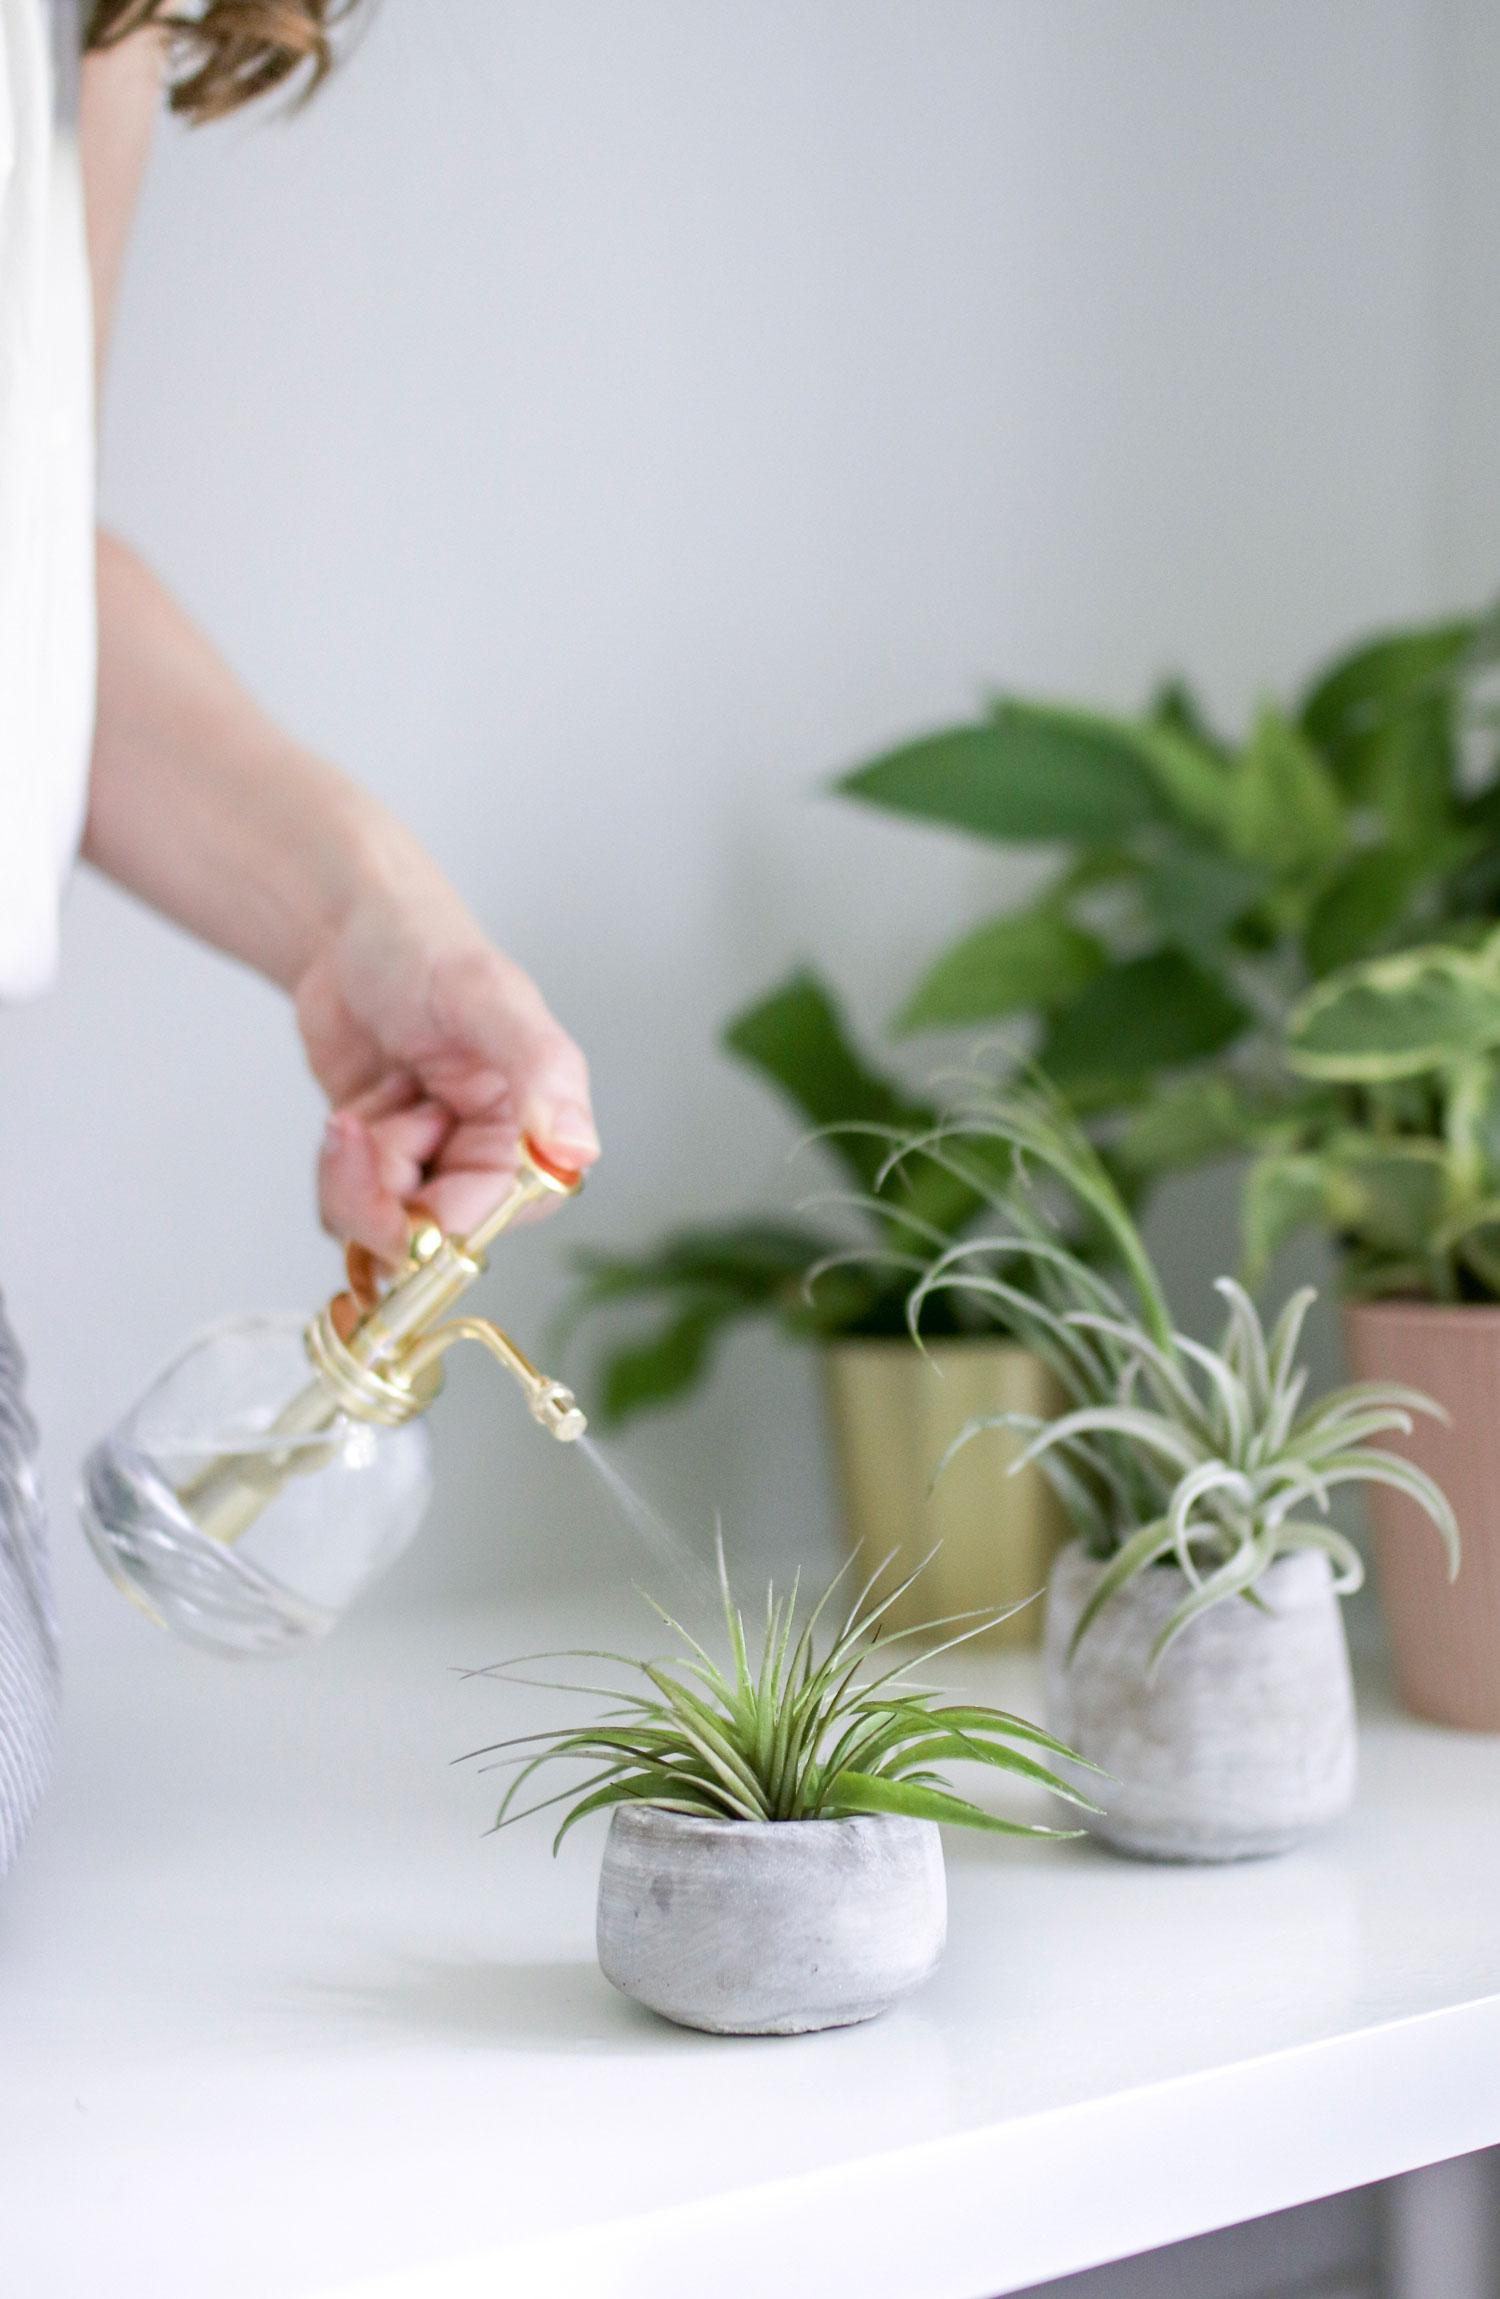 Misting an air plant